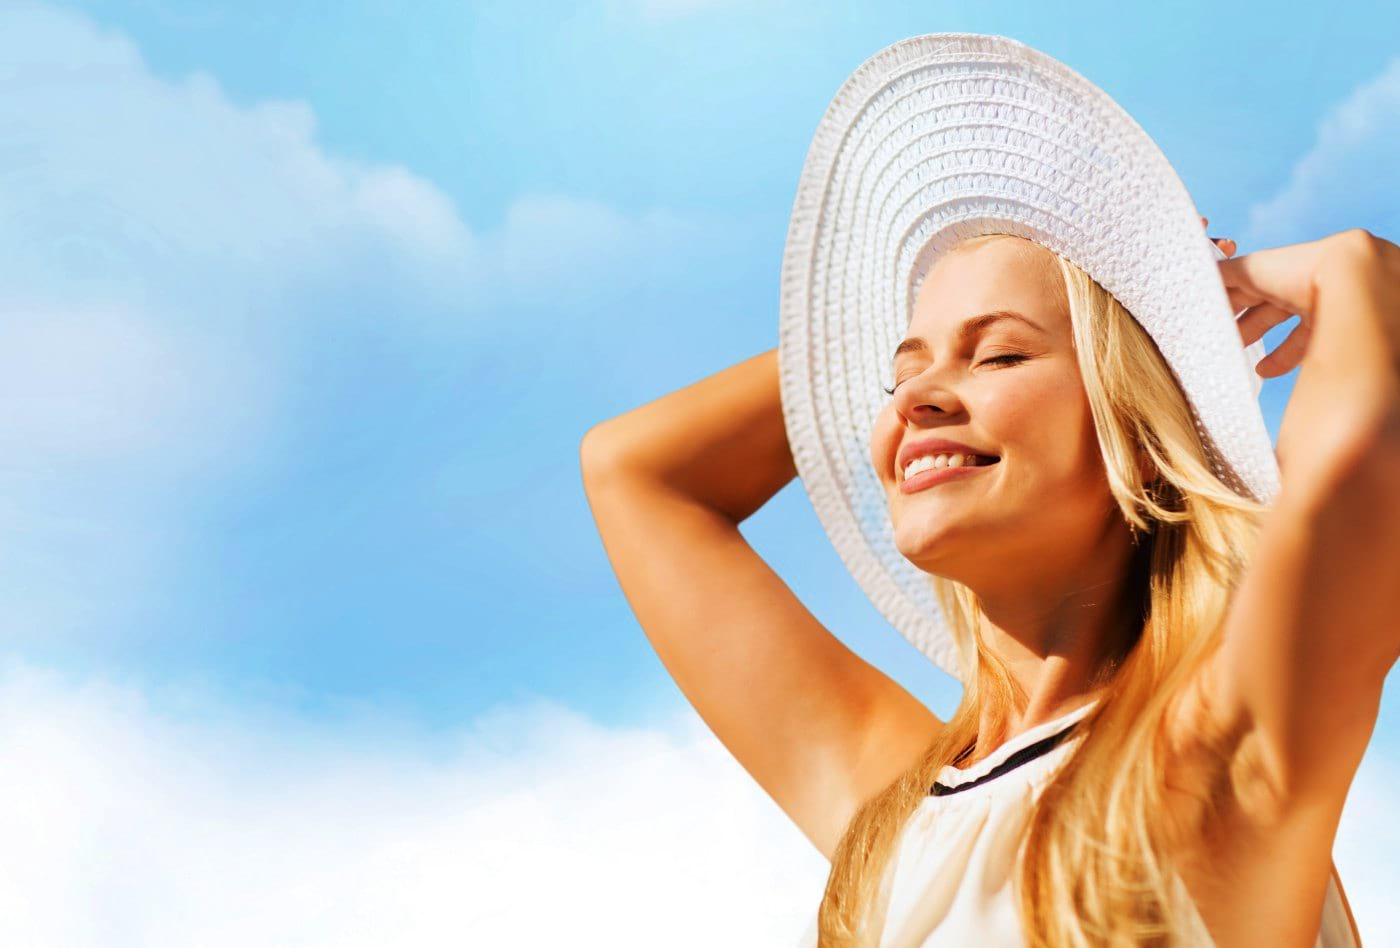 Pana la 80-90% dintre semnele de imbatranire prematura apar din cauza soarelui